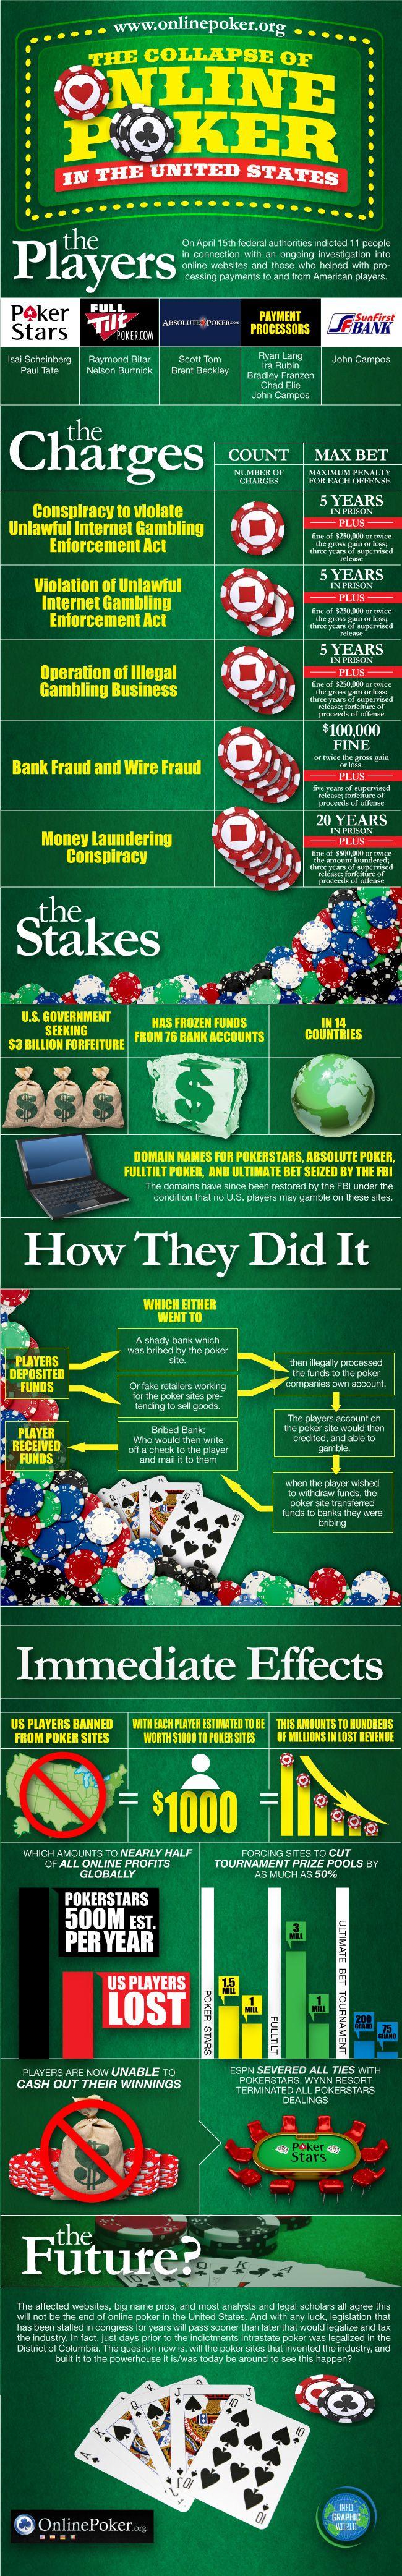 The Collapse of Online Poker Online poker, Poker, Poker